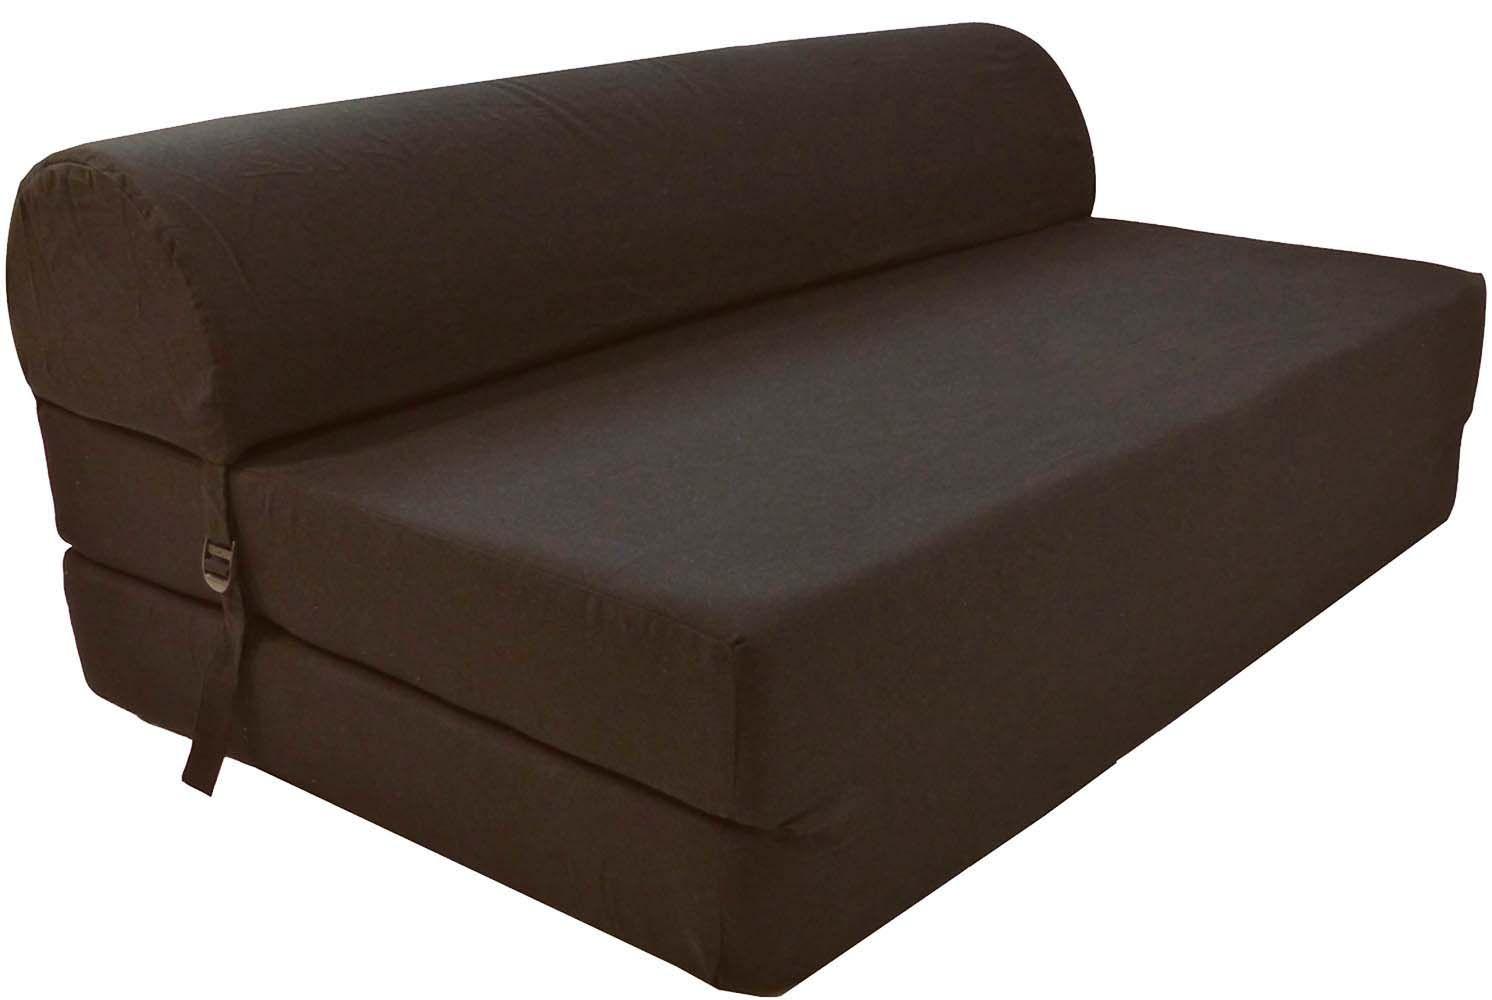 chauffeuse double unie en coton marron. Black Bedroom Furniture Sets. Home Design Ideas